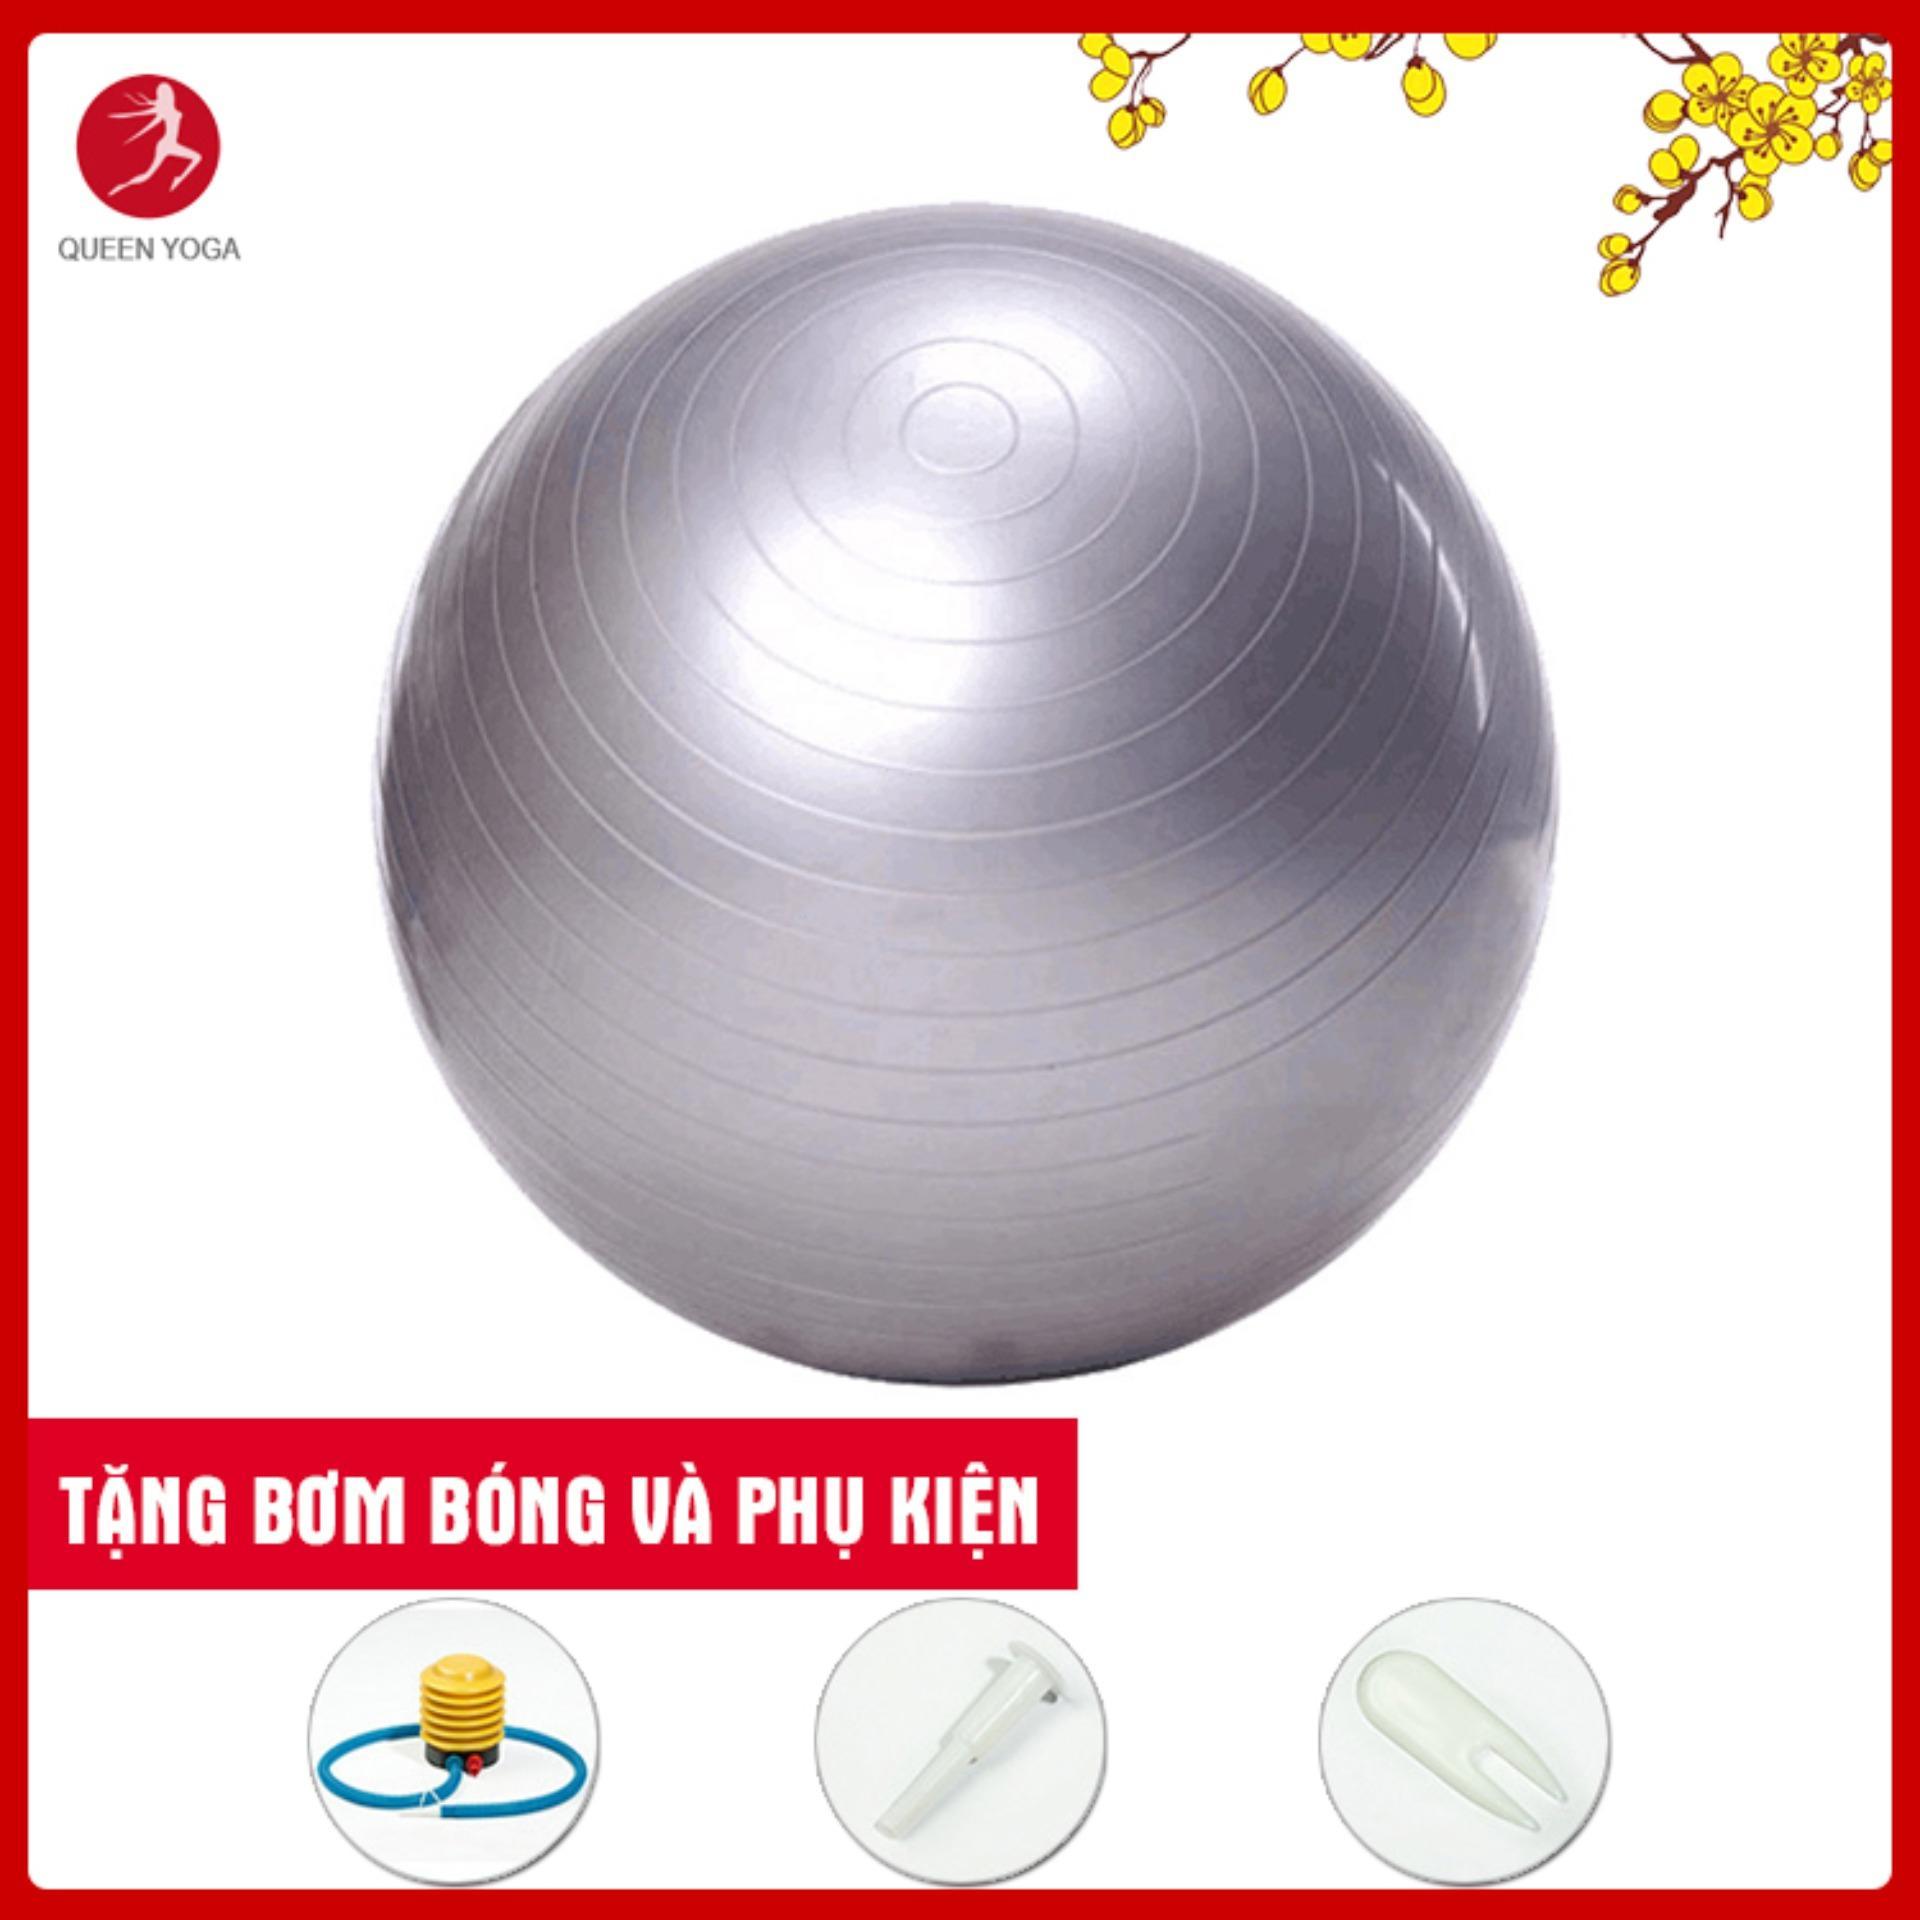 Bóng tập Yoga cao cấp Queen Yoga 65cm dày 2mm chống nổ - Tặng bơm bóng và phụ kiện